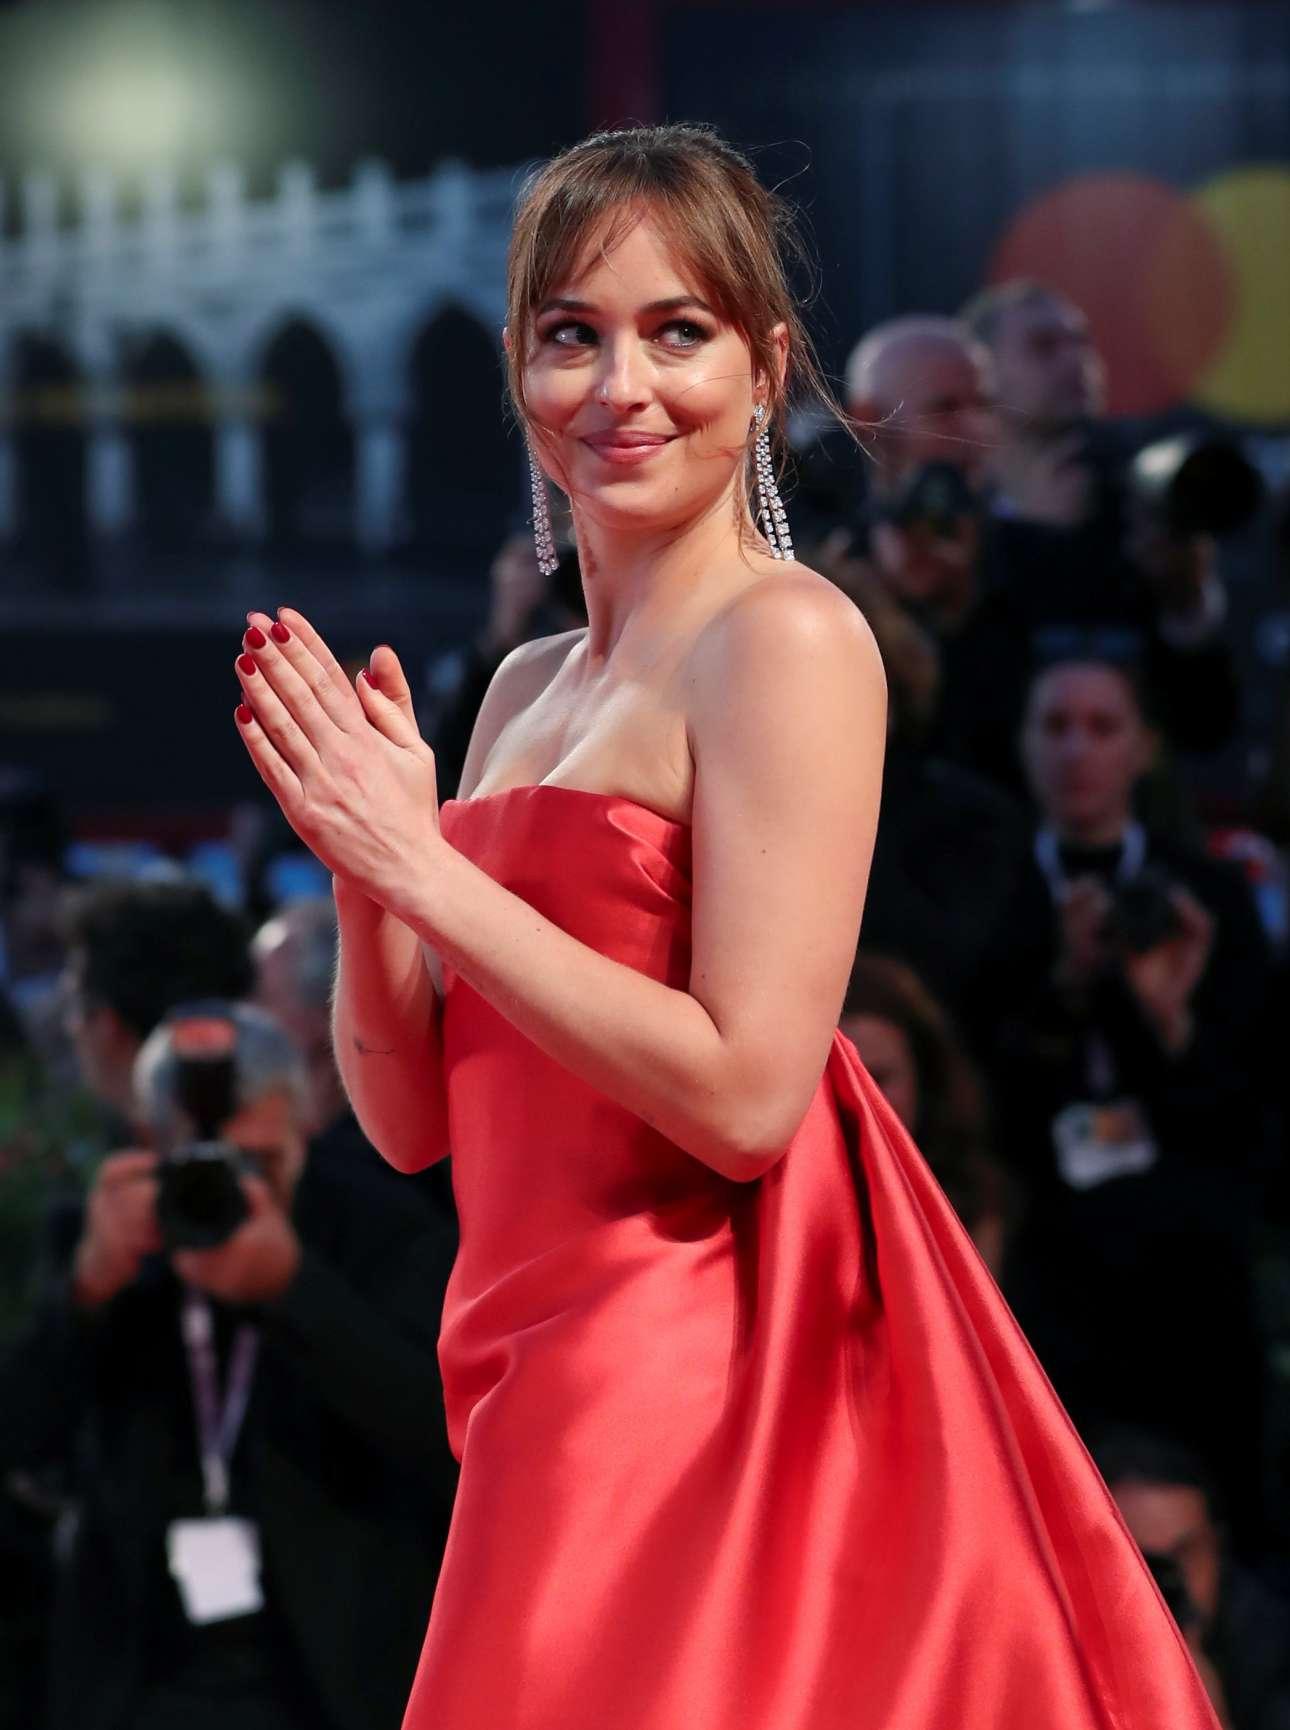 Η Ντακότα Τζόνσον, κόρη της Μέλανι Γριφίθ και του Ντον Τζόνσον, ξεχωρίζει με το κόκκινο Valentino φόρεμα, αλλά και στην ταινία «Suspiria» που πρωταγωνιστεί